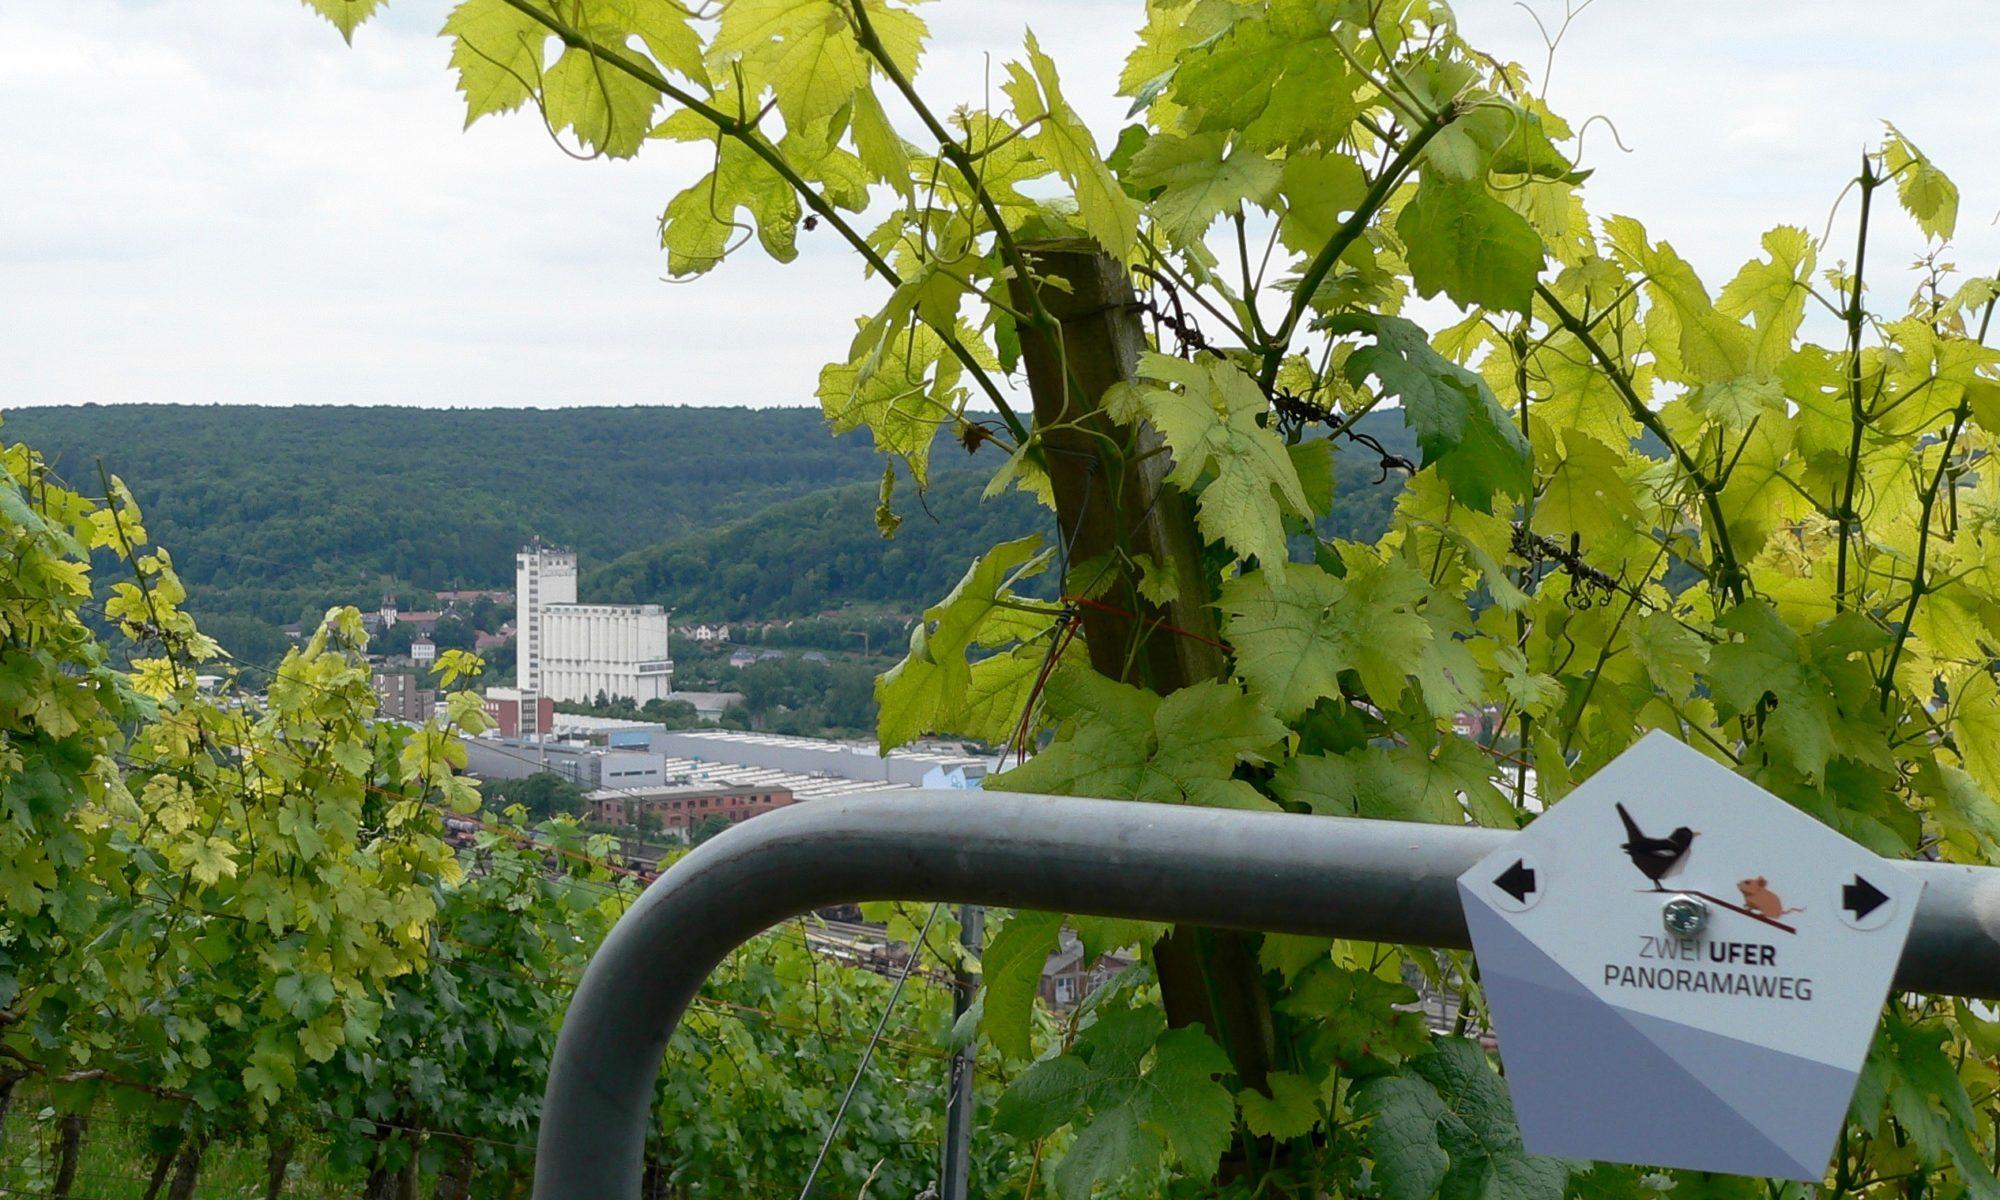 Alles auf einen Blick auf dem ZweiUfer-Panoramaweg: Weinbau, Industrie und Waldwirtschaft. | Foto: B. Schneider